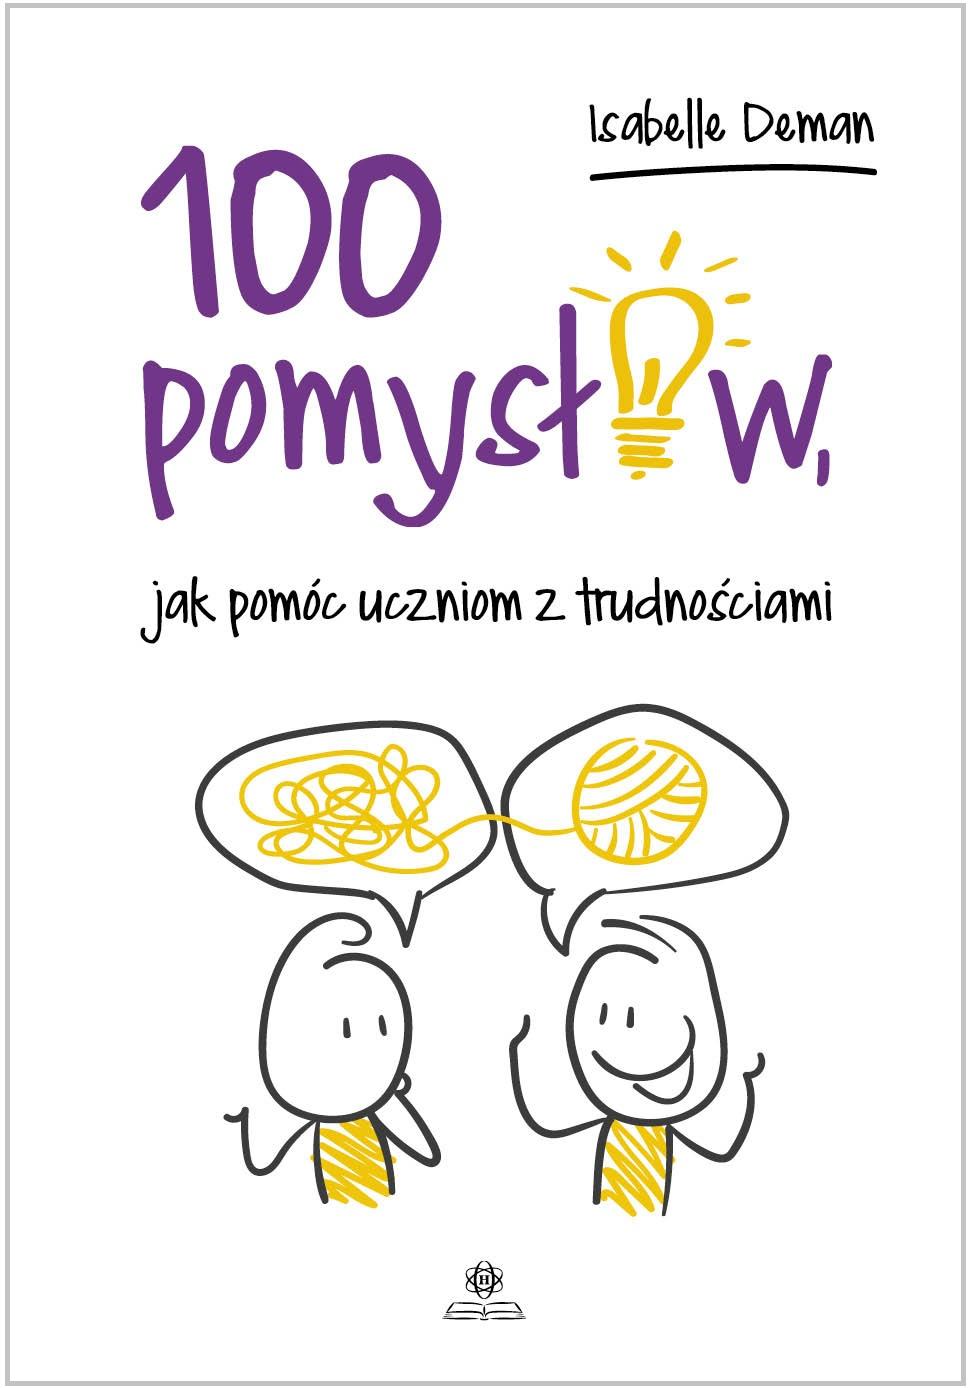 100 POMYSŁÓW, JAK POMÓC UCZNIOM Z TRUDNOŚCIAMI